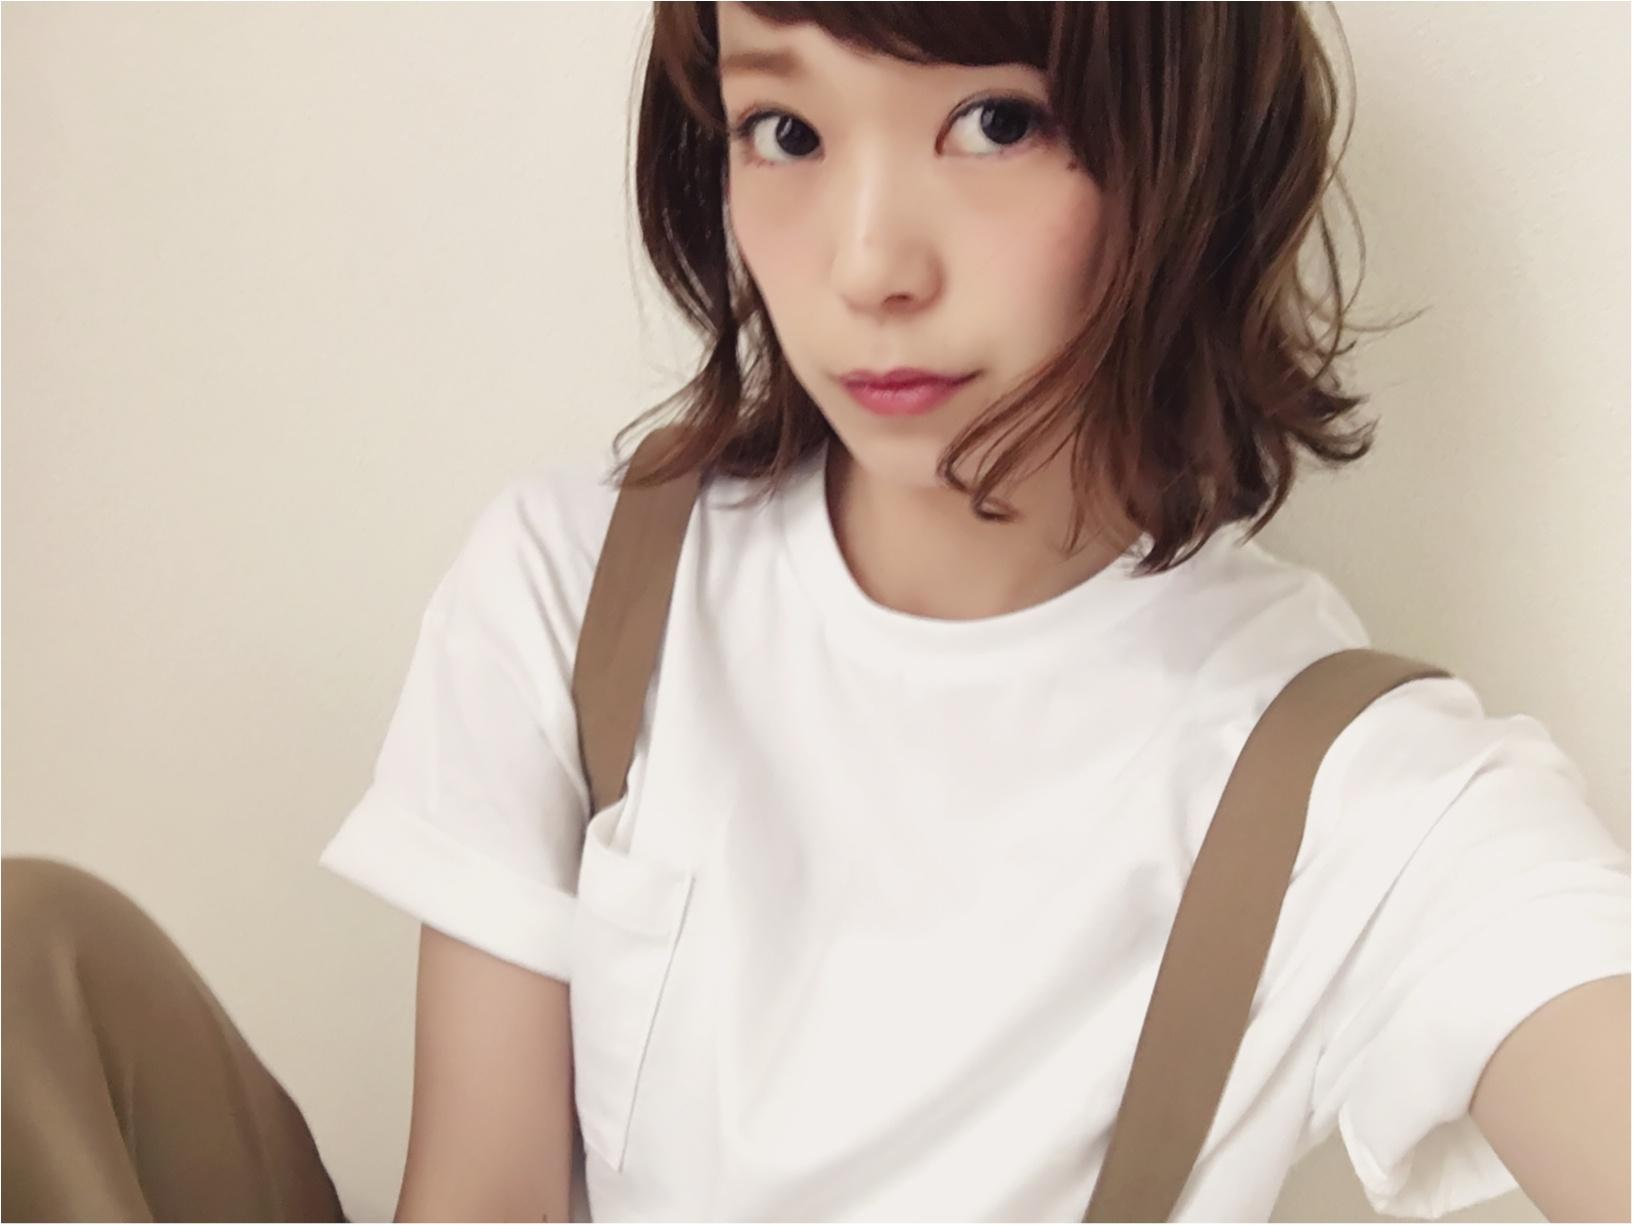 ★《UNIQLO》1000円Tシャツ×《GU》1490円ワイドパンツでプチプラコーデ♩♩_2